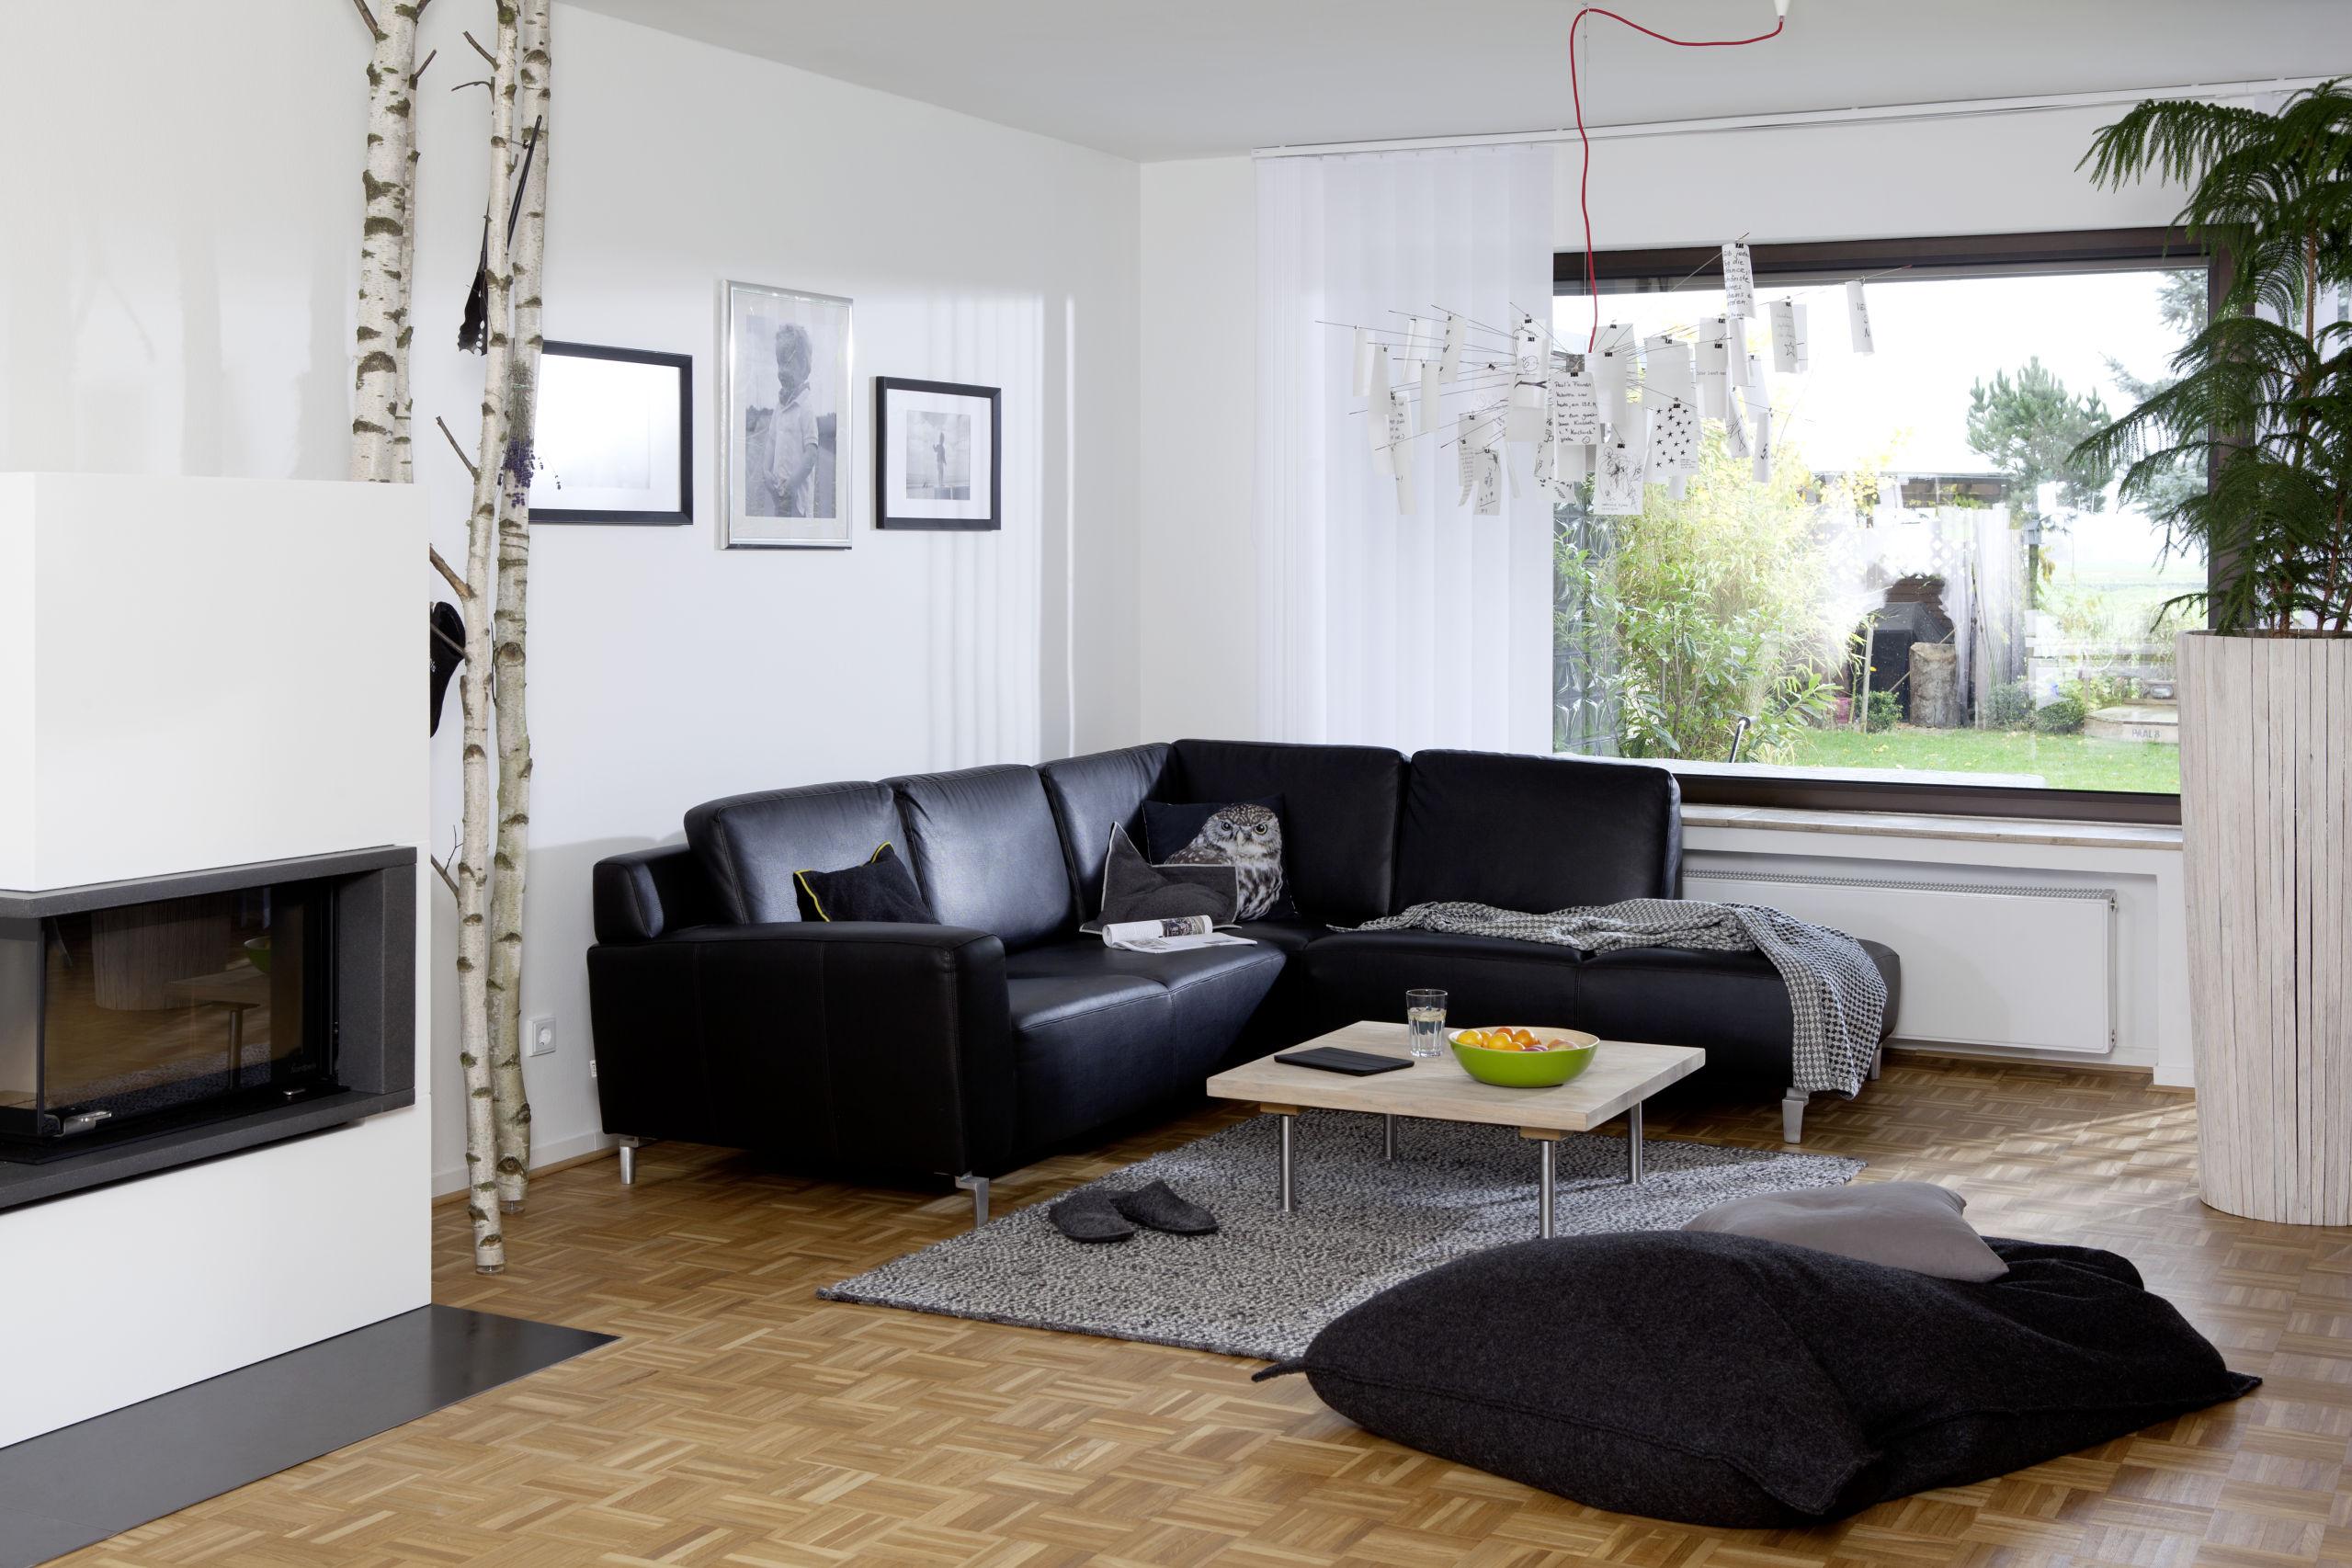 lamellenvorhang wohnzimmer inspiration ber haus design. Black Bedroom Furniture Sets. Home Design Ideas